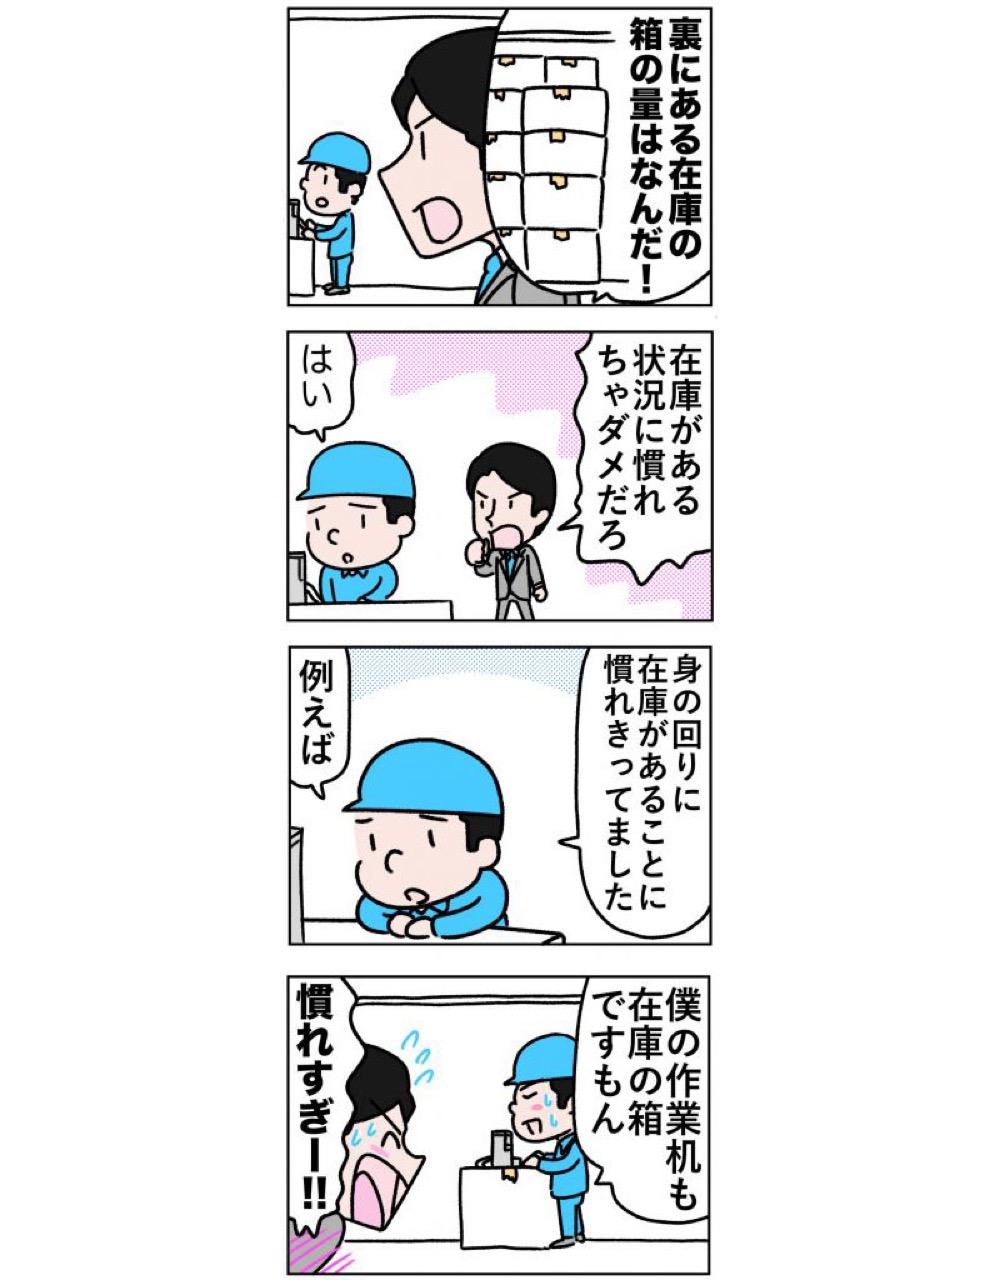 柿内_KJ法10_001